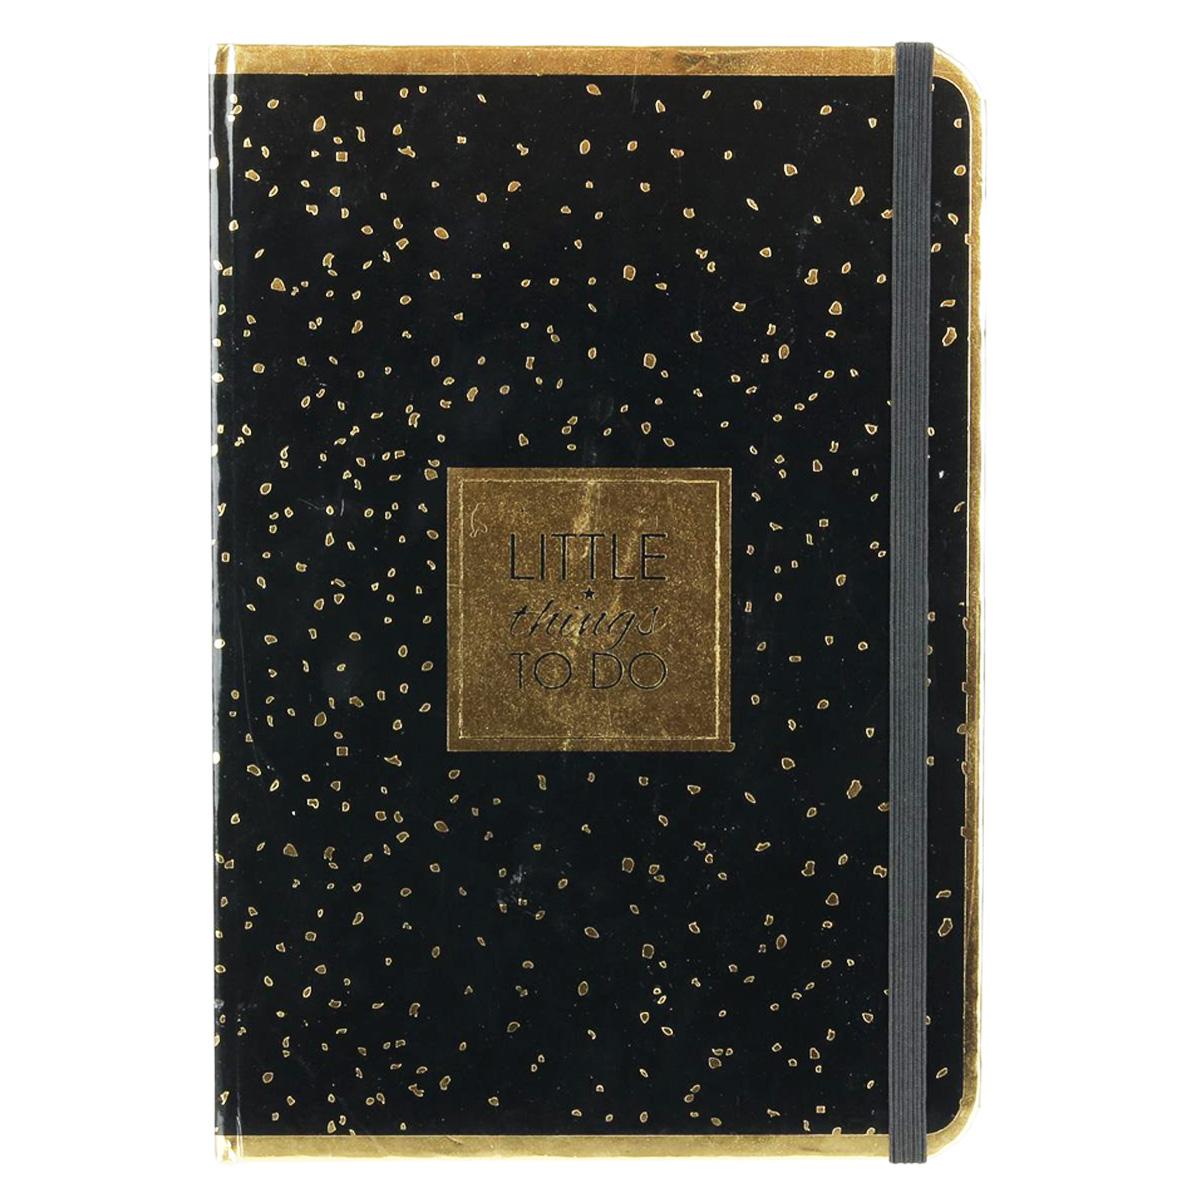 Carnet A5 \'Messages\' noir doré (Little things to do) - 21x148 cm - [Q3852]